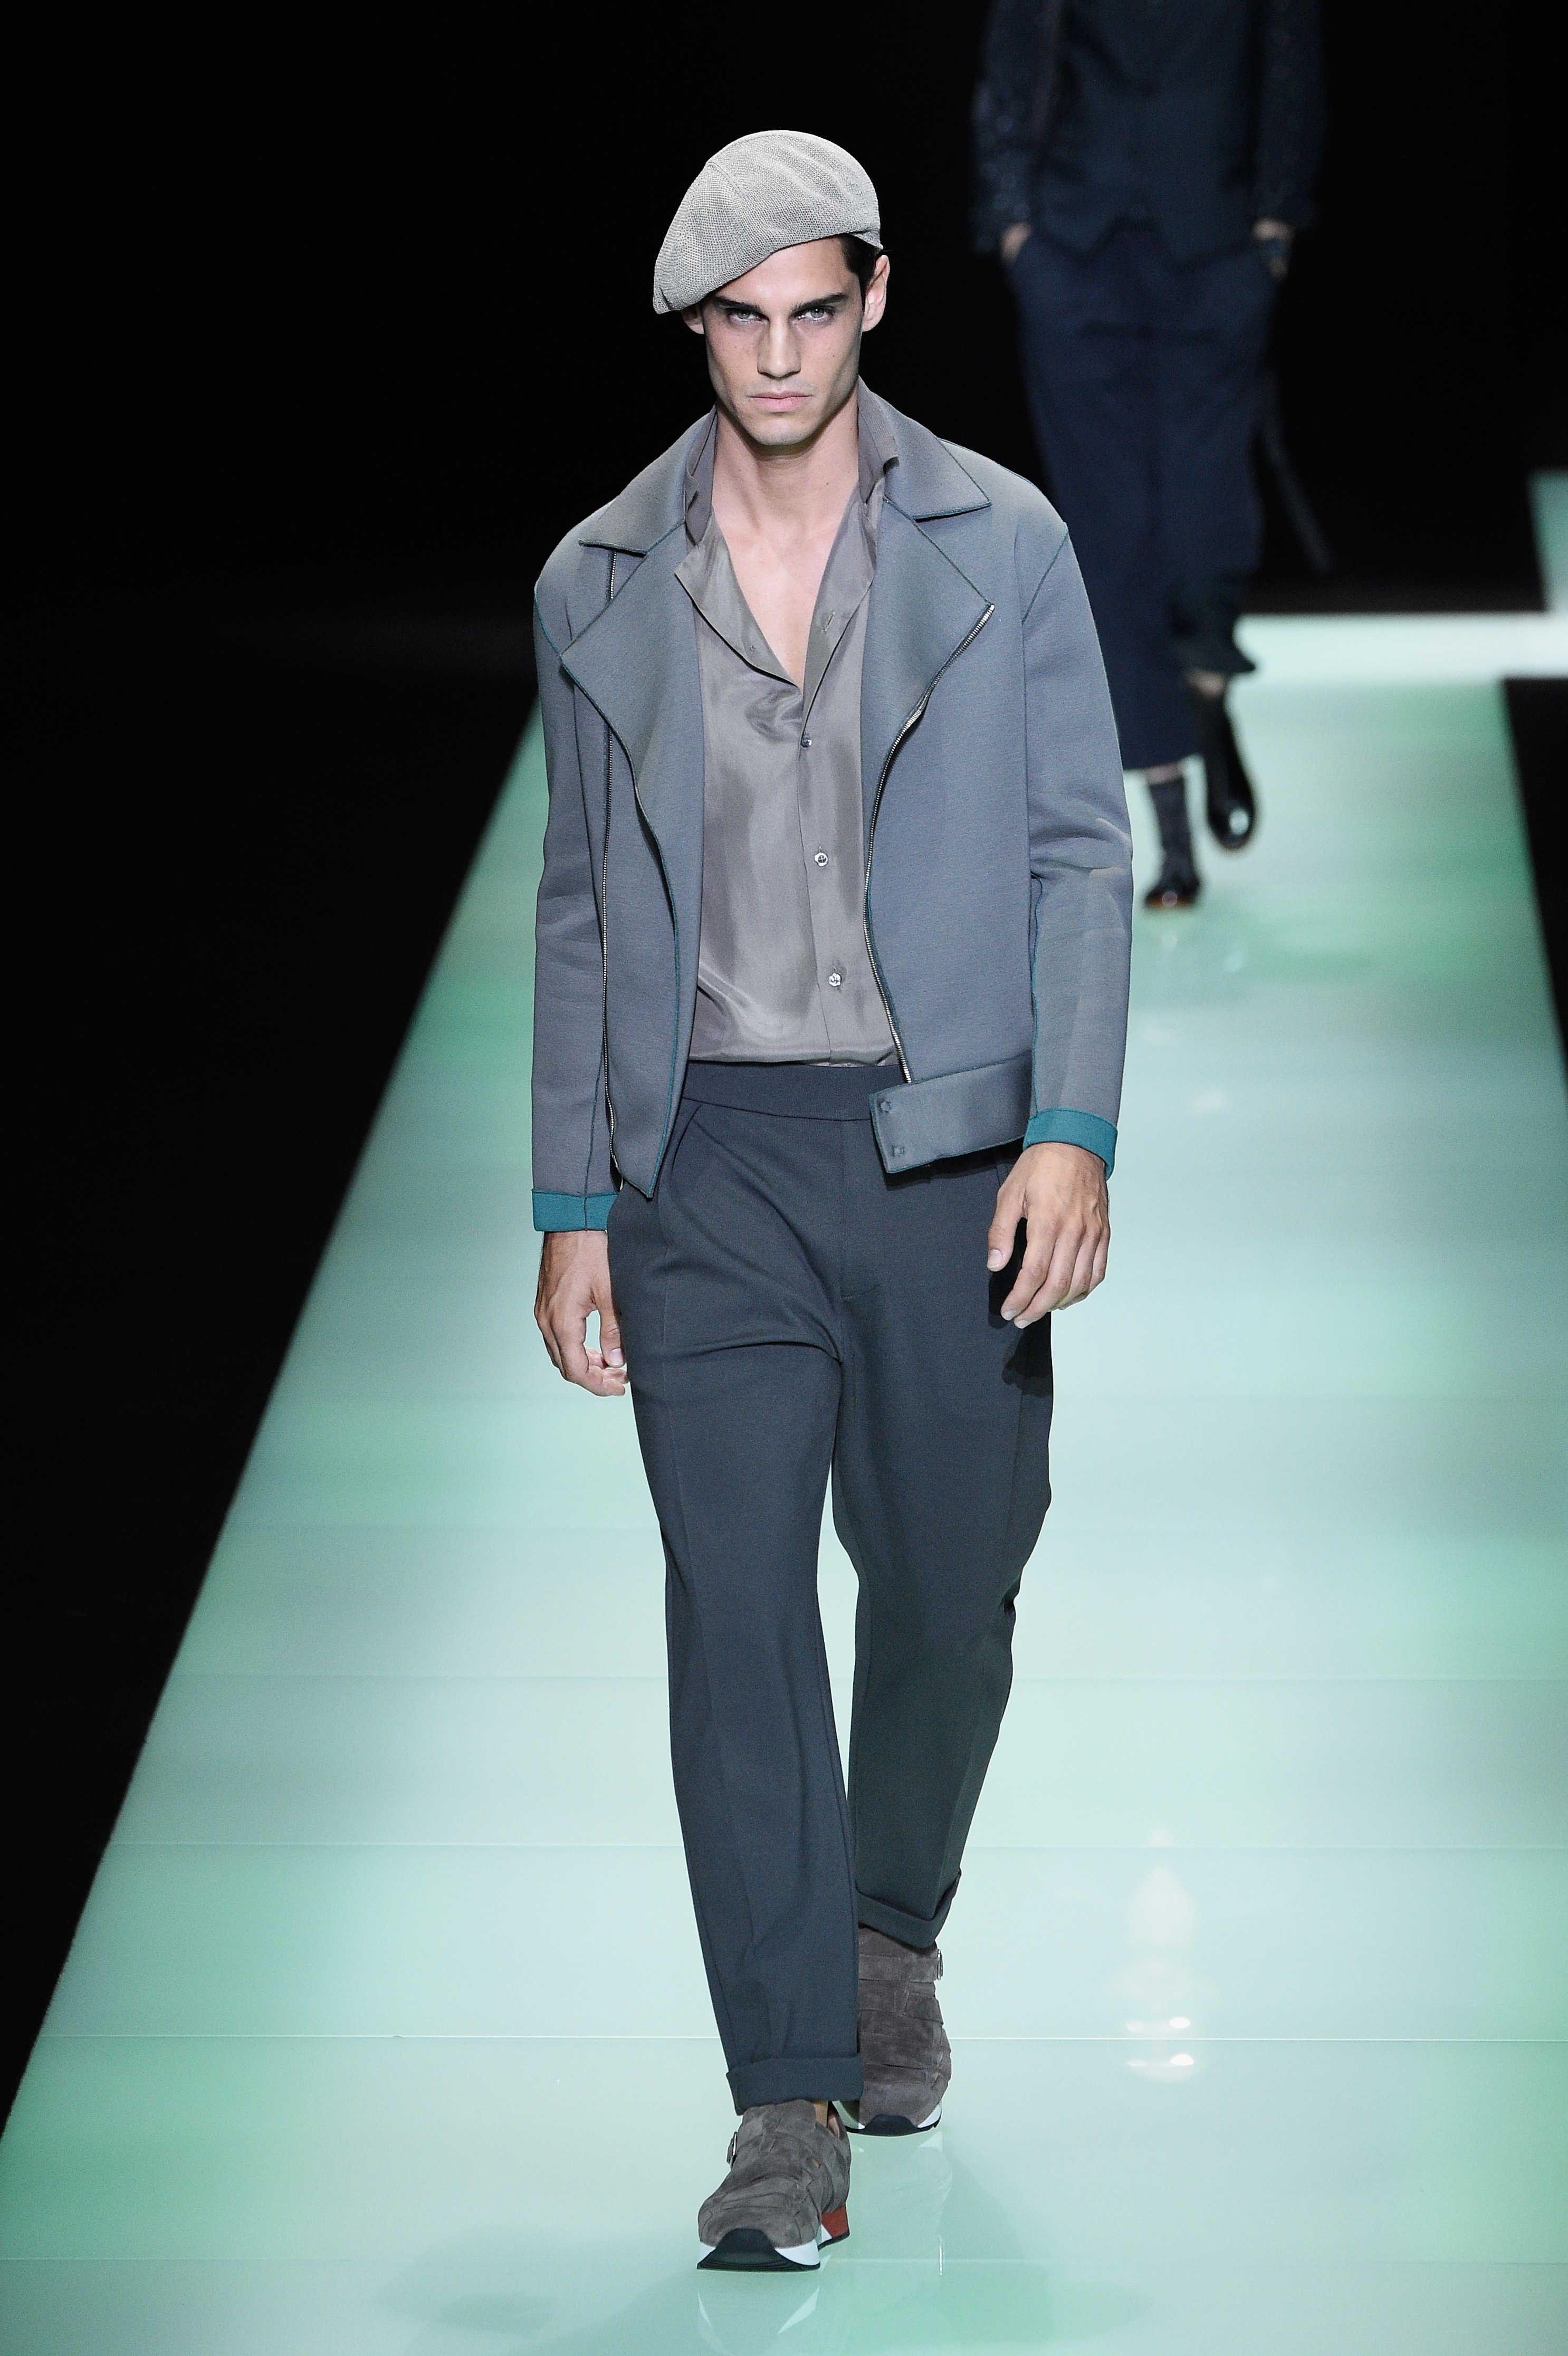 Emporio Armani SpringSummer 2016 Collection - Milan Fashion Week - DerriusPierreCom (8)